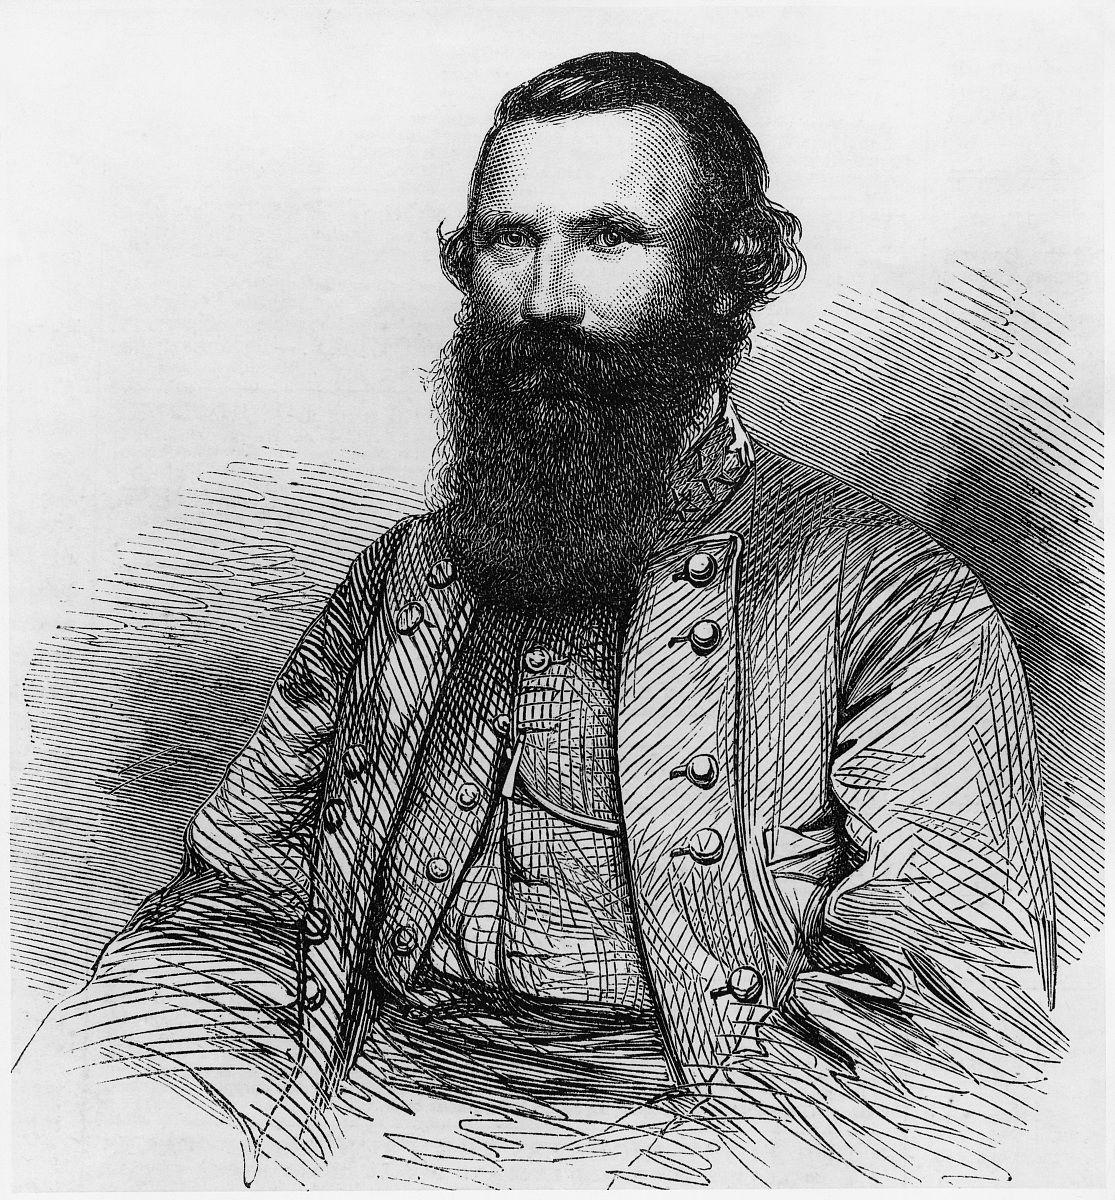 帮丈�yj&9�b���_j.e.b. stuart将军的肖像,邦联军队,插图